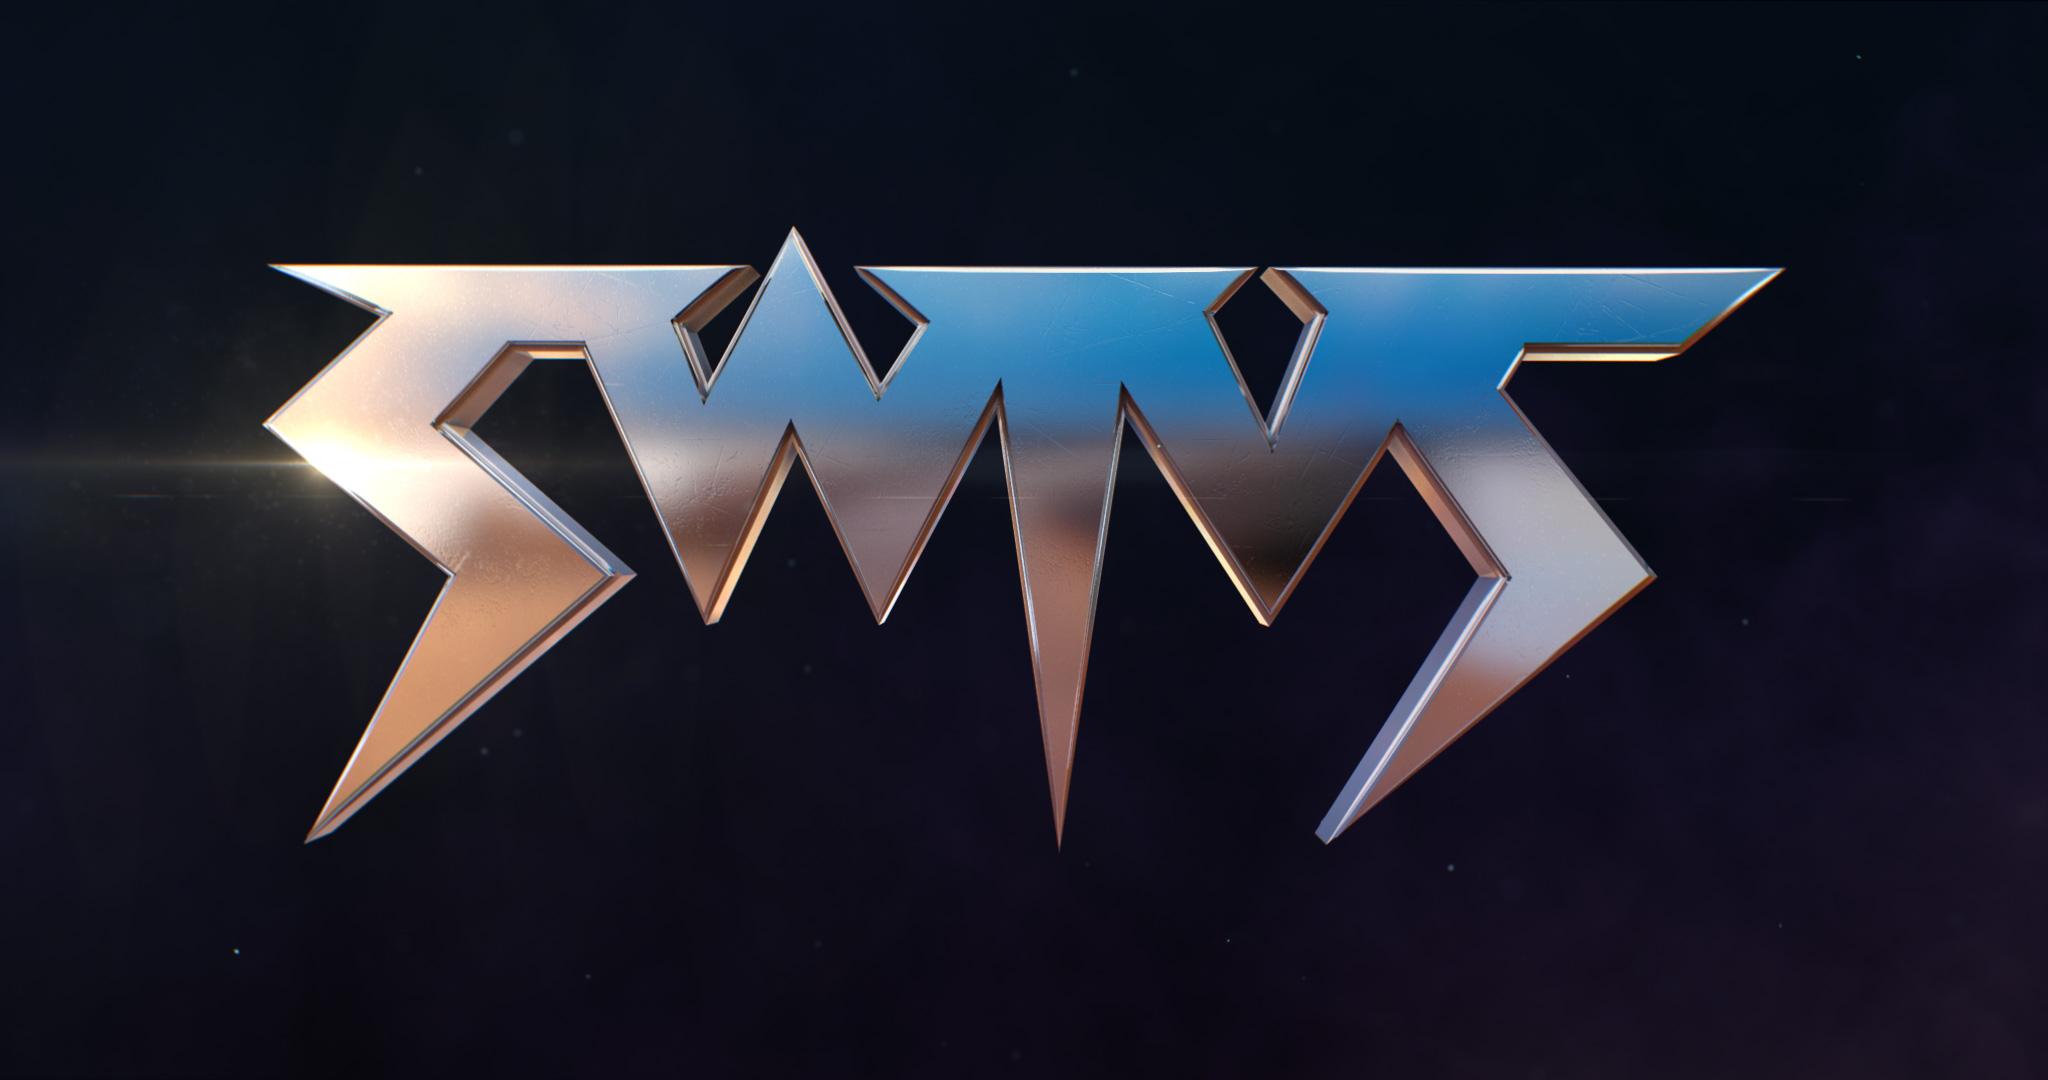 renderSwivs-1